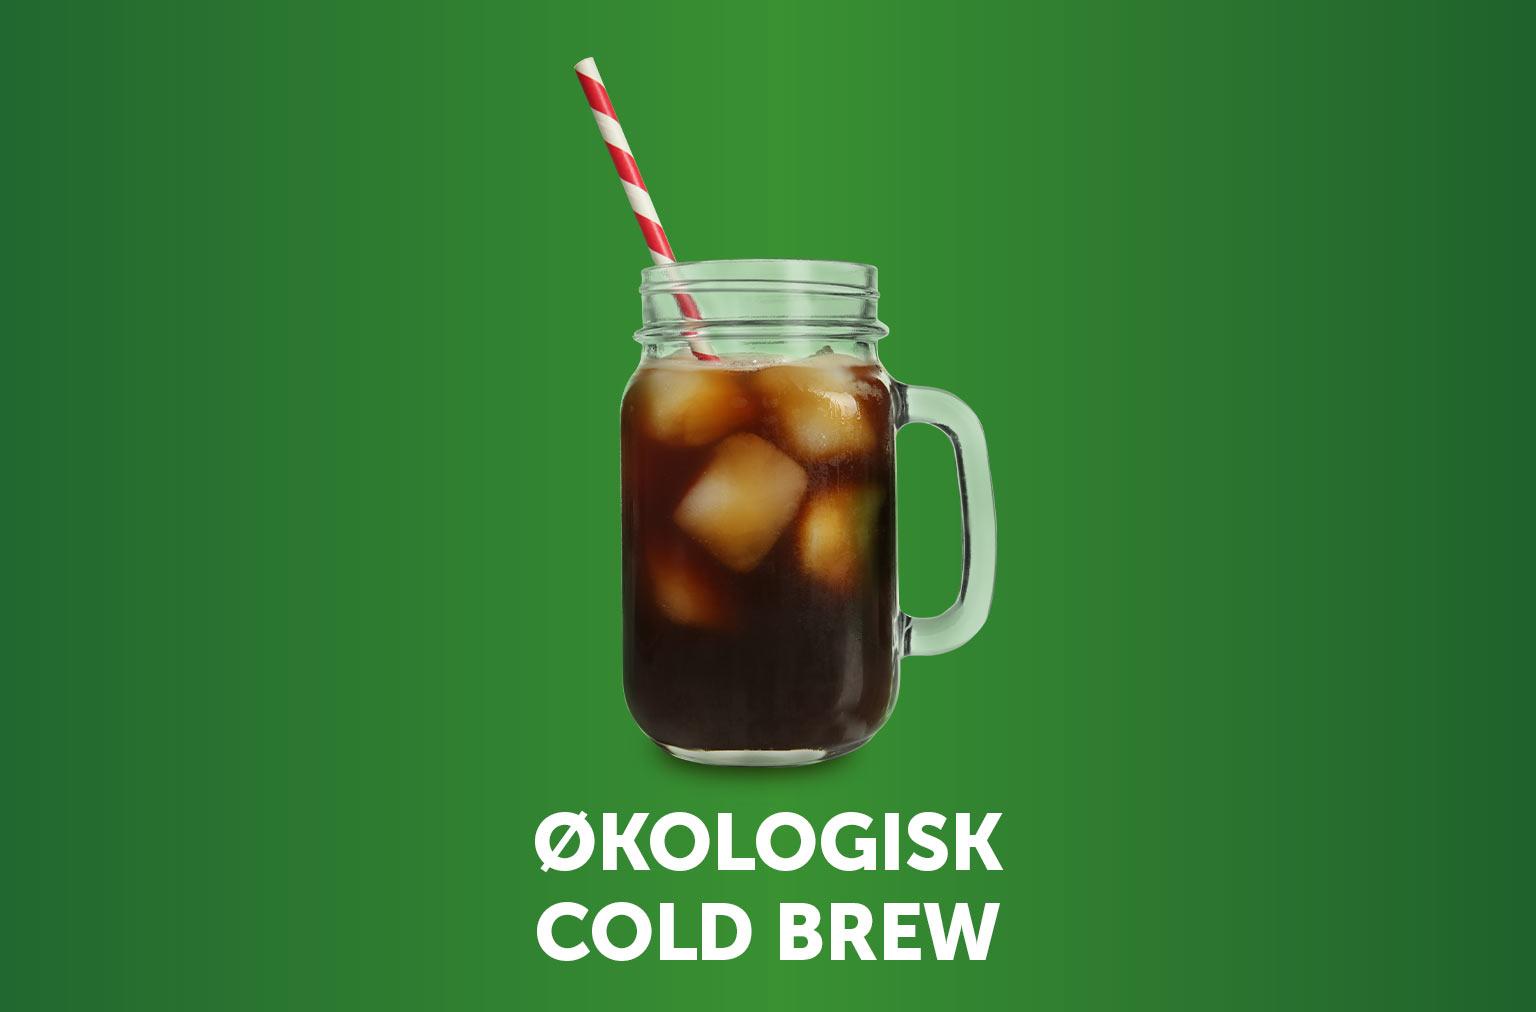 Økologisk Cold Brew